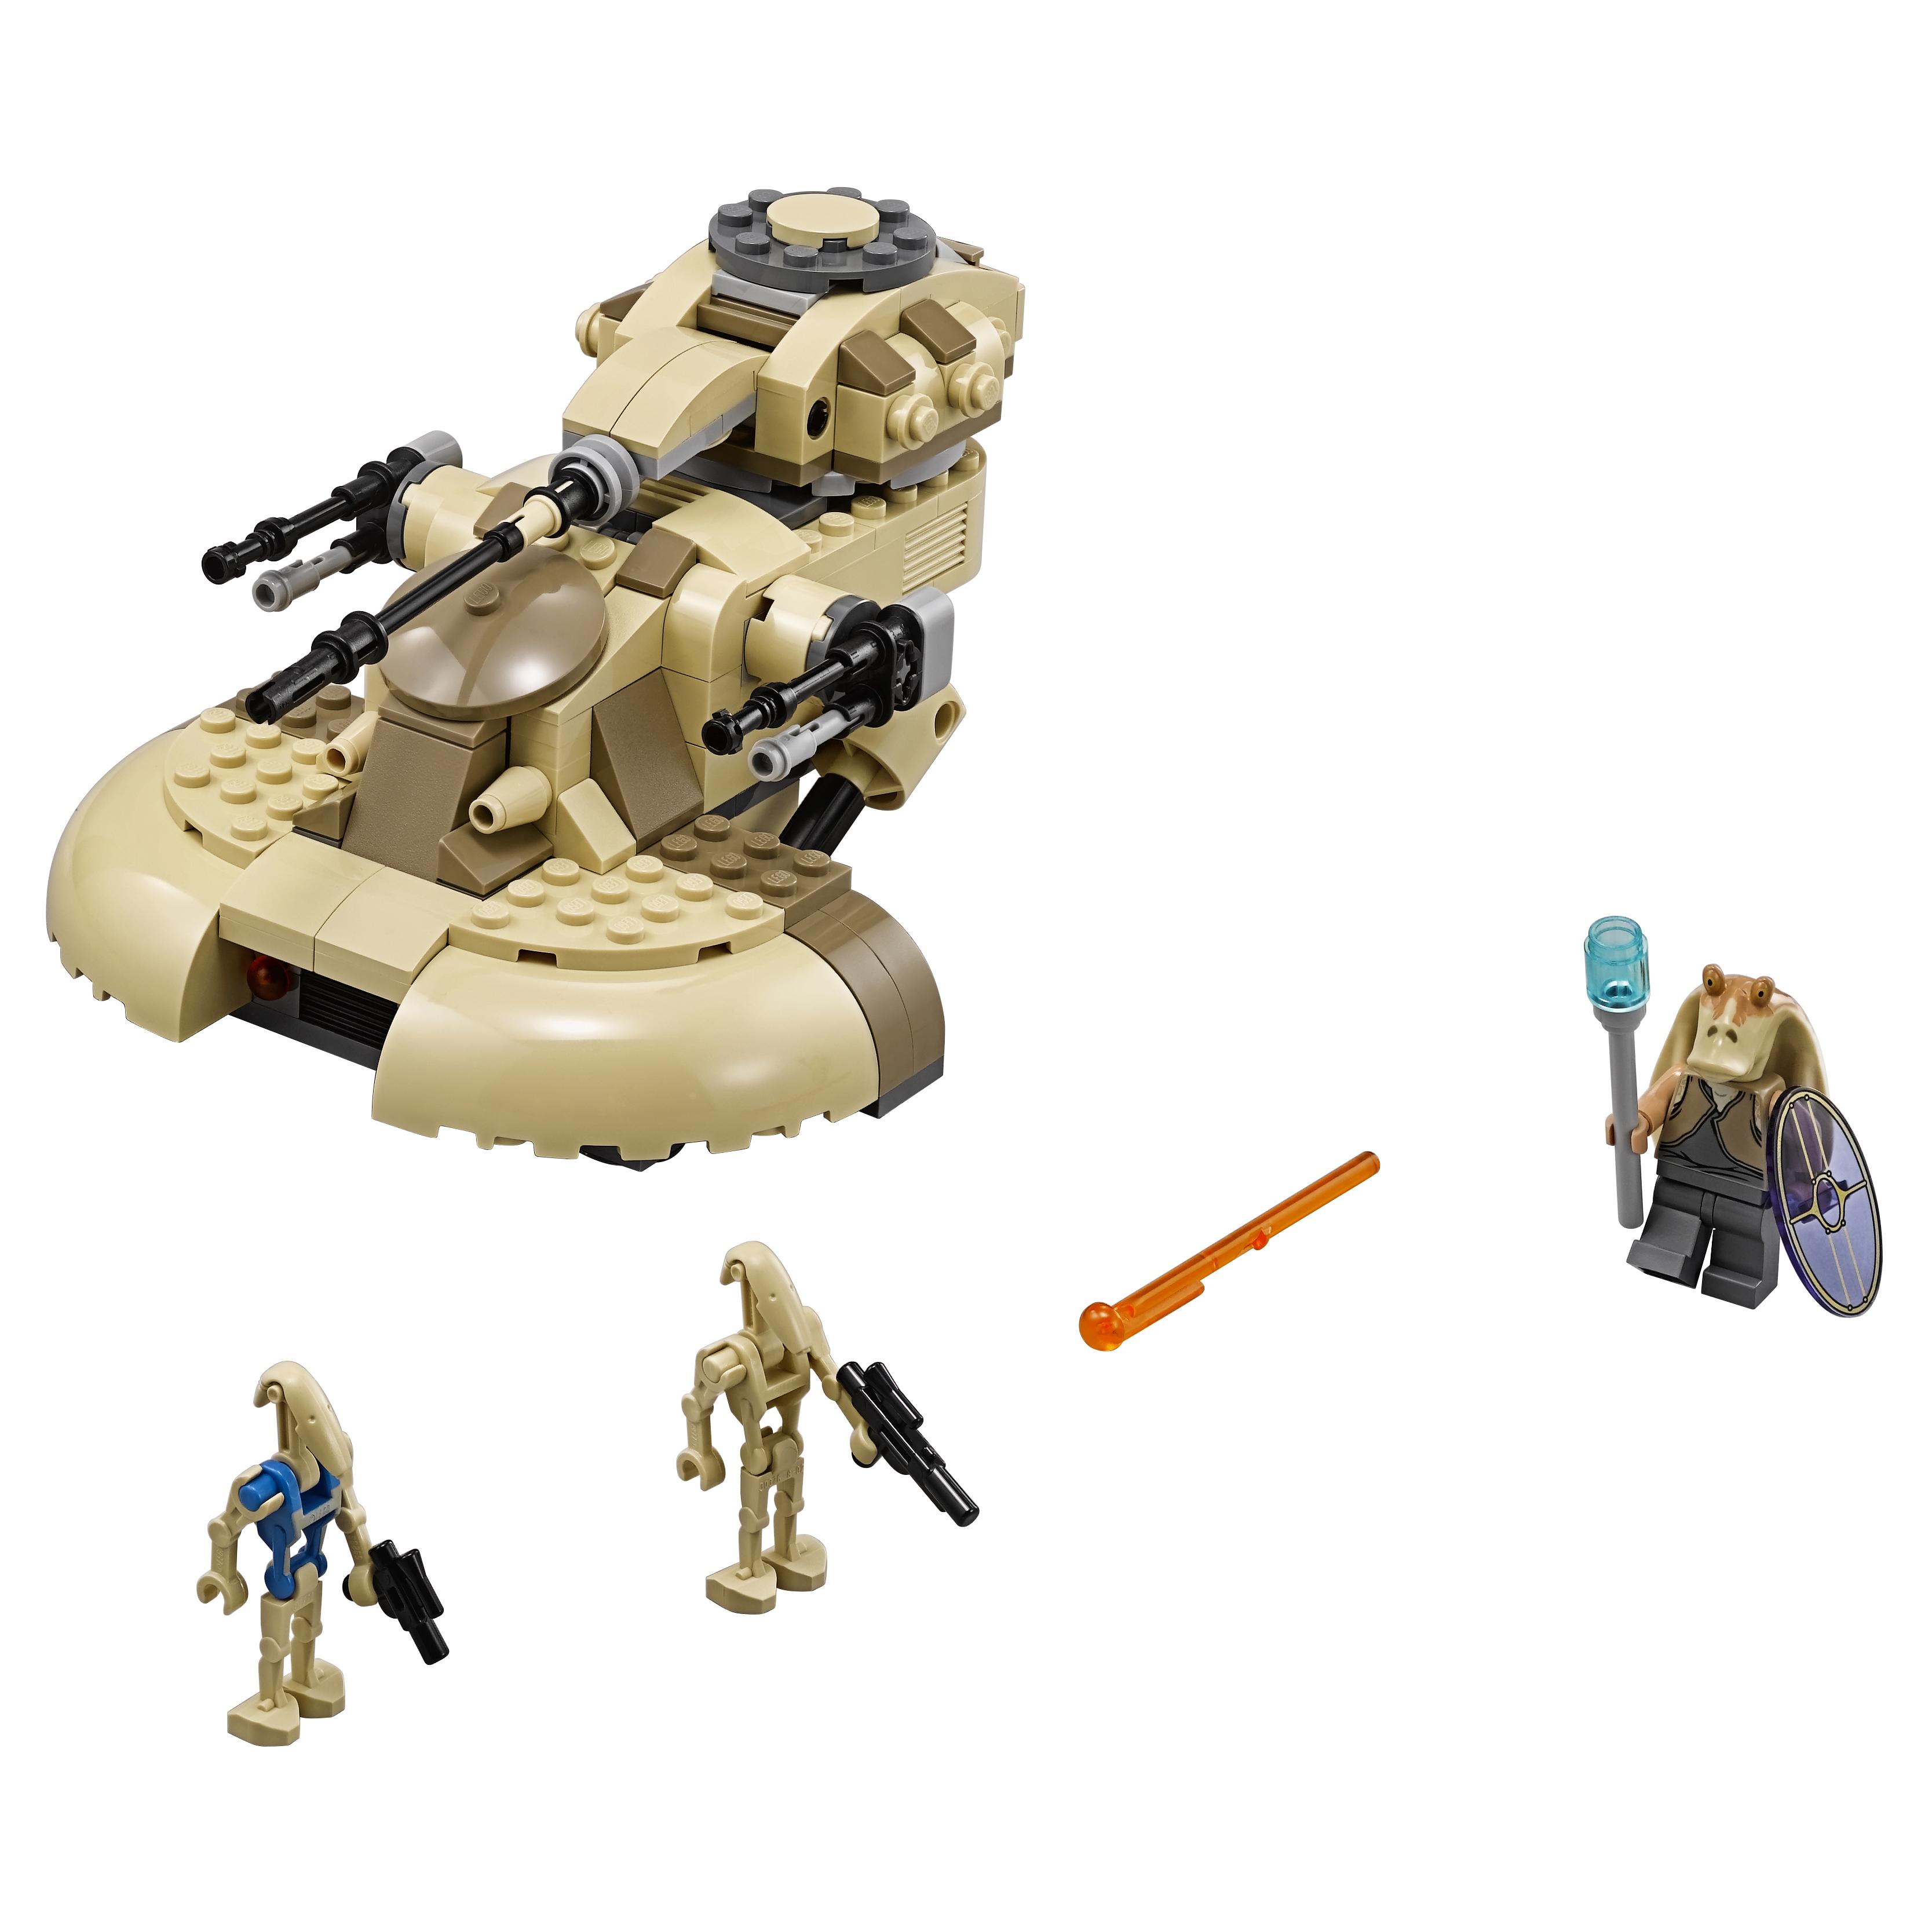 Конструктор LEGO Star Wars Бронированный штурмовой танк AAT (75080) конструктор lego star wars бронированный штурмовой танк aat 7508